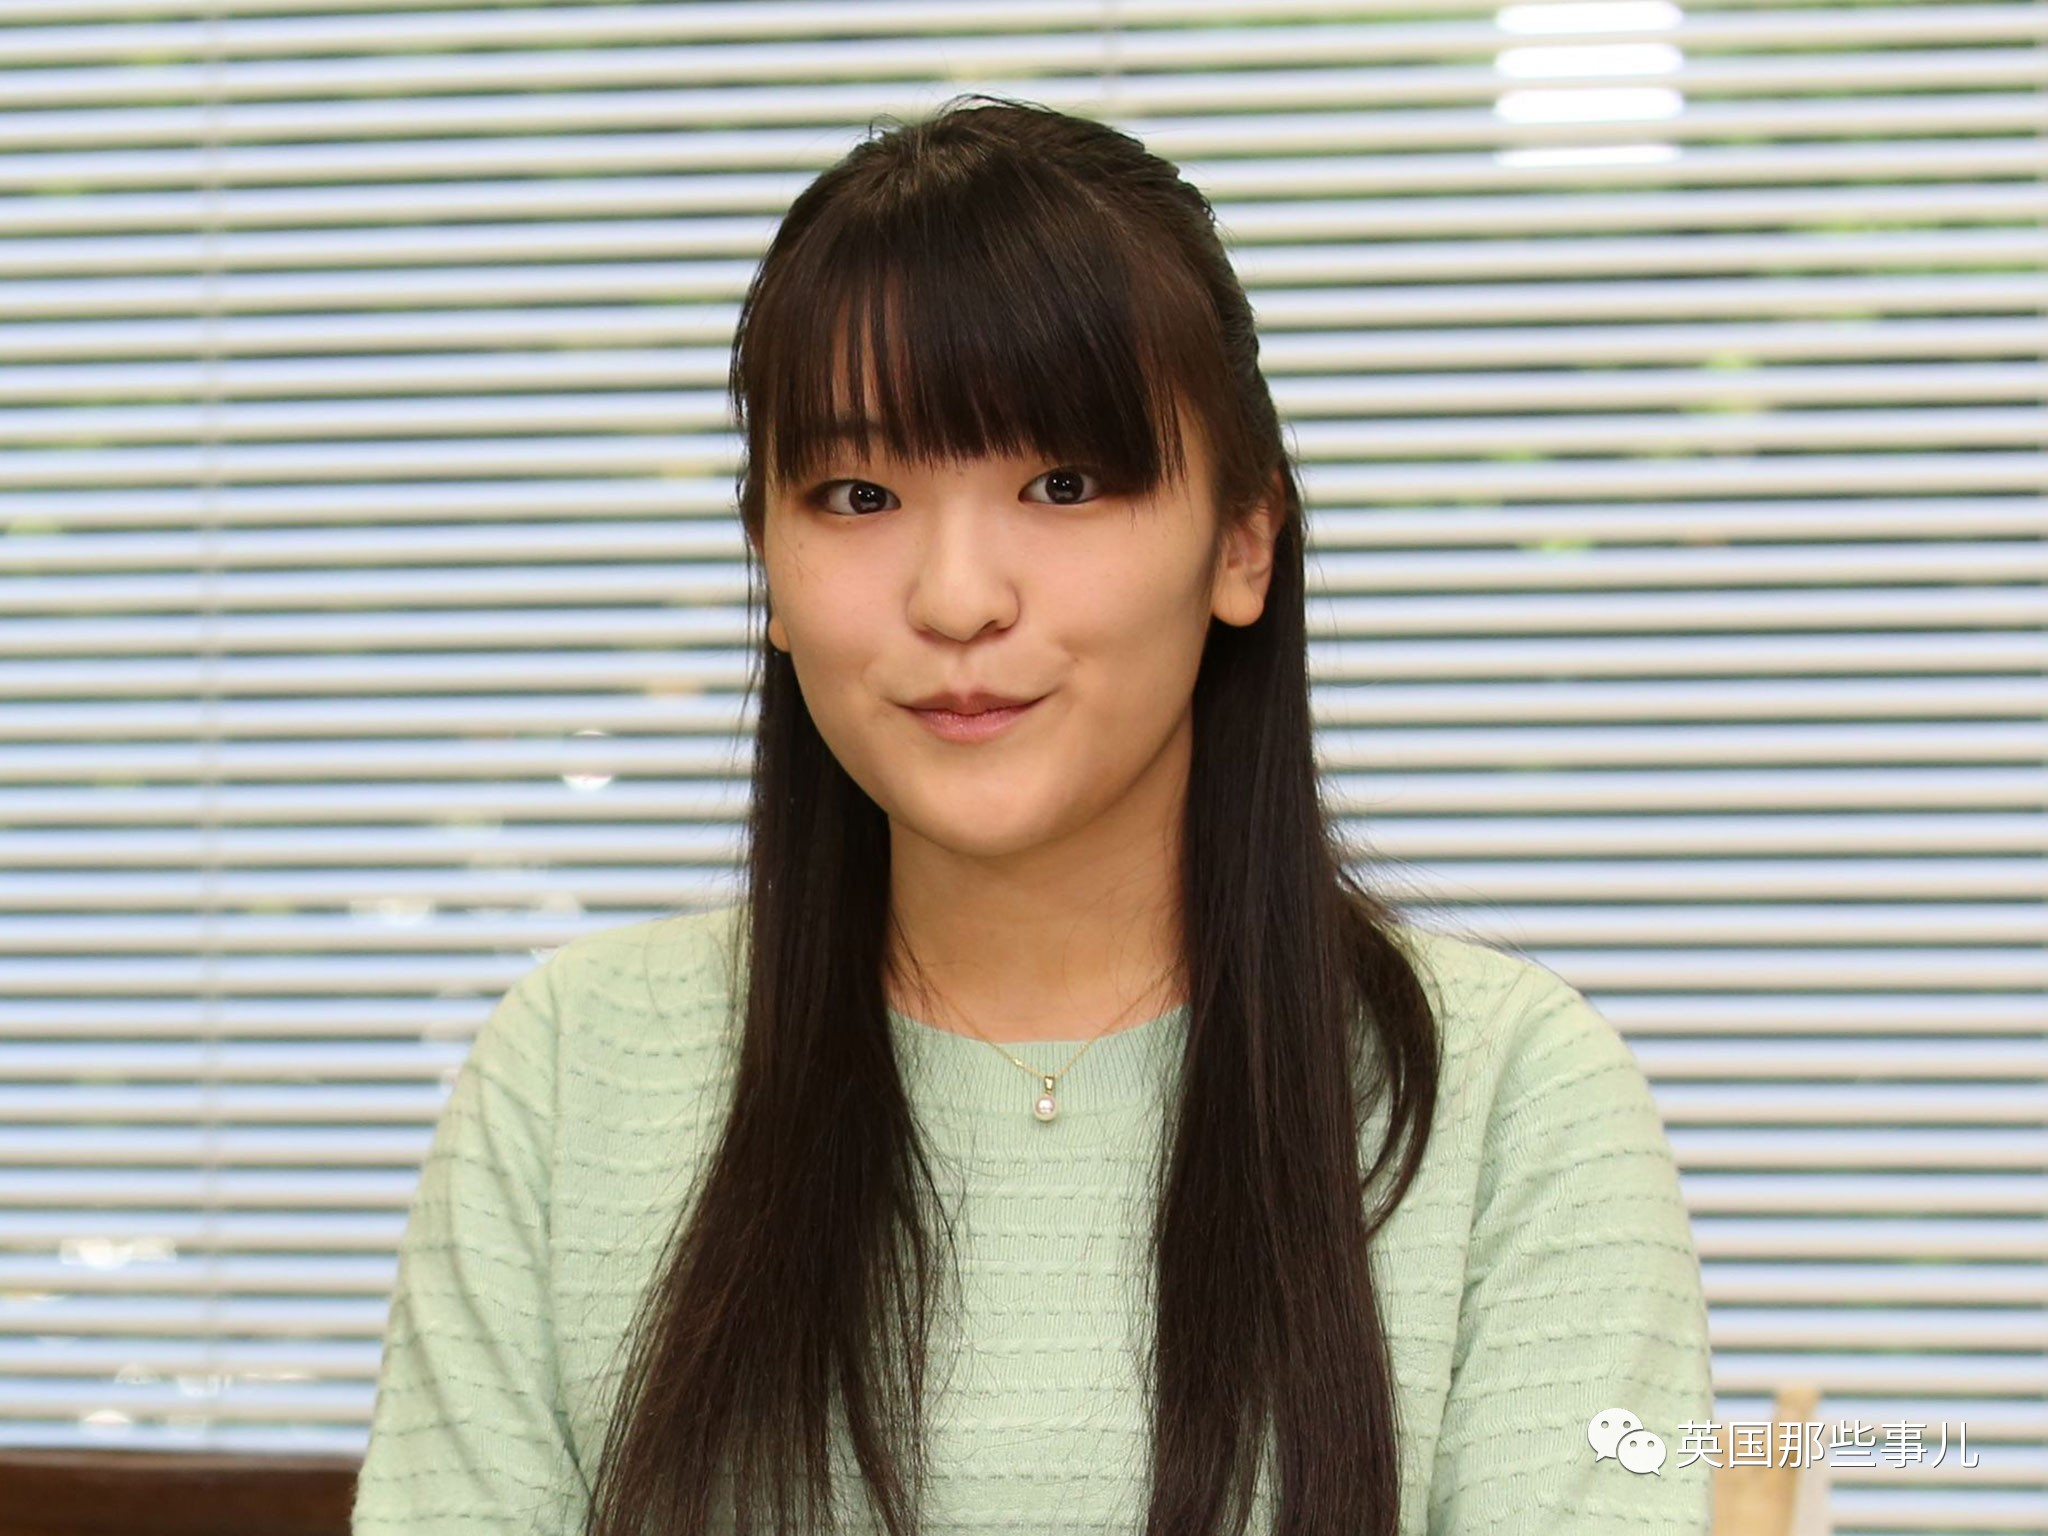 日本公主放弃尊贵身份下嫁平民甘做人妇 但童话是骗人的,不信你看人家礼金多少